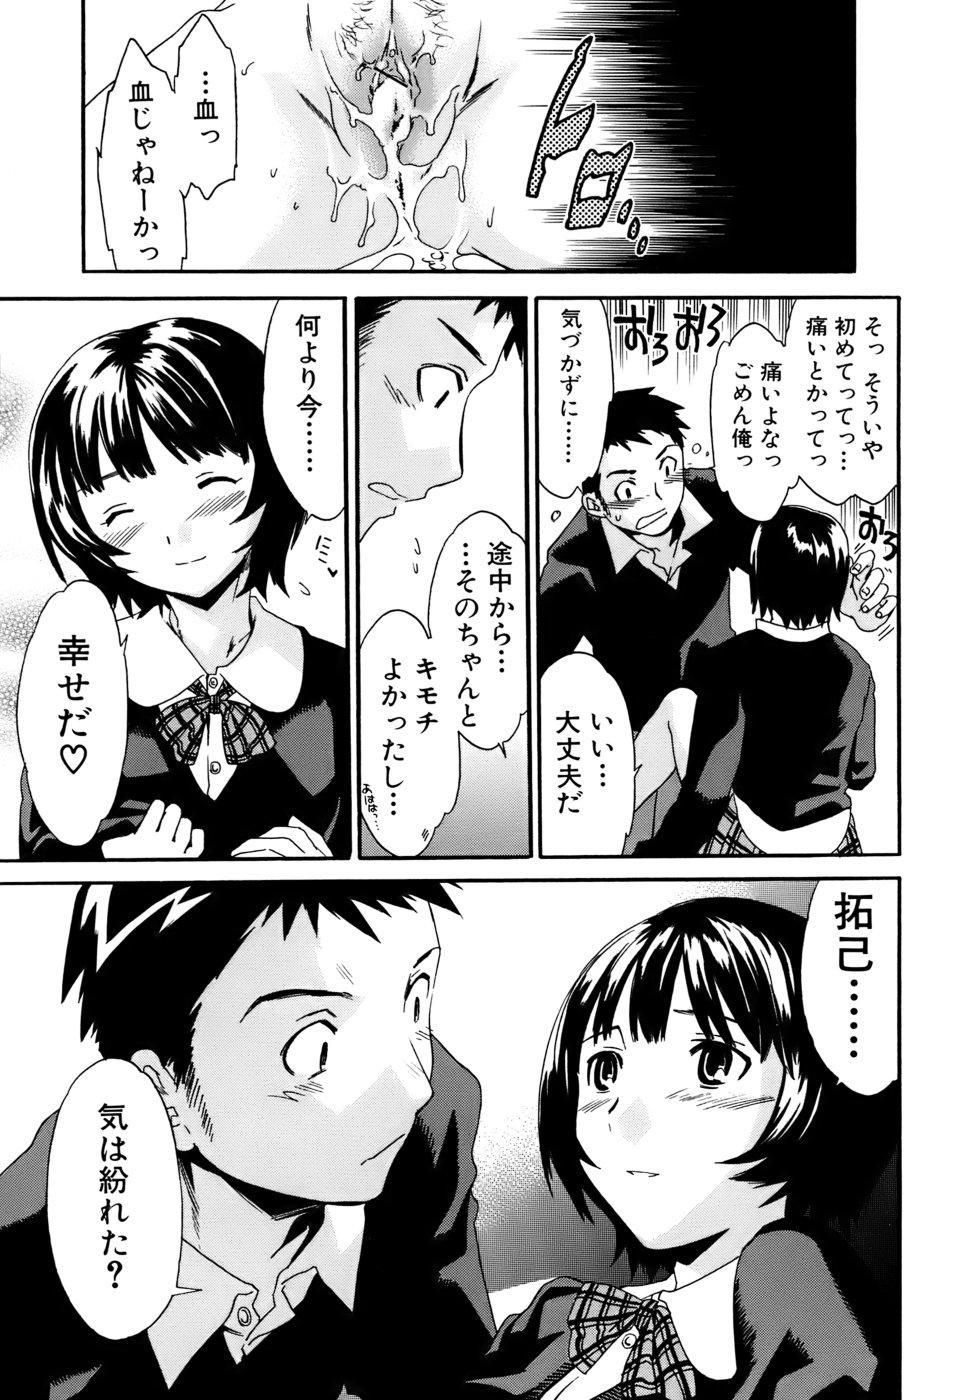 Kanojo no Bitai - Her Coquetry 59